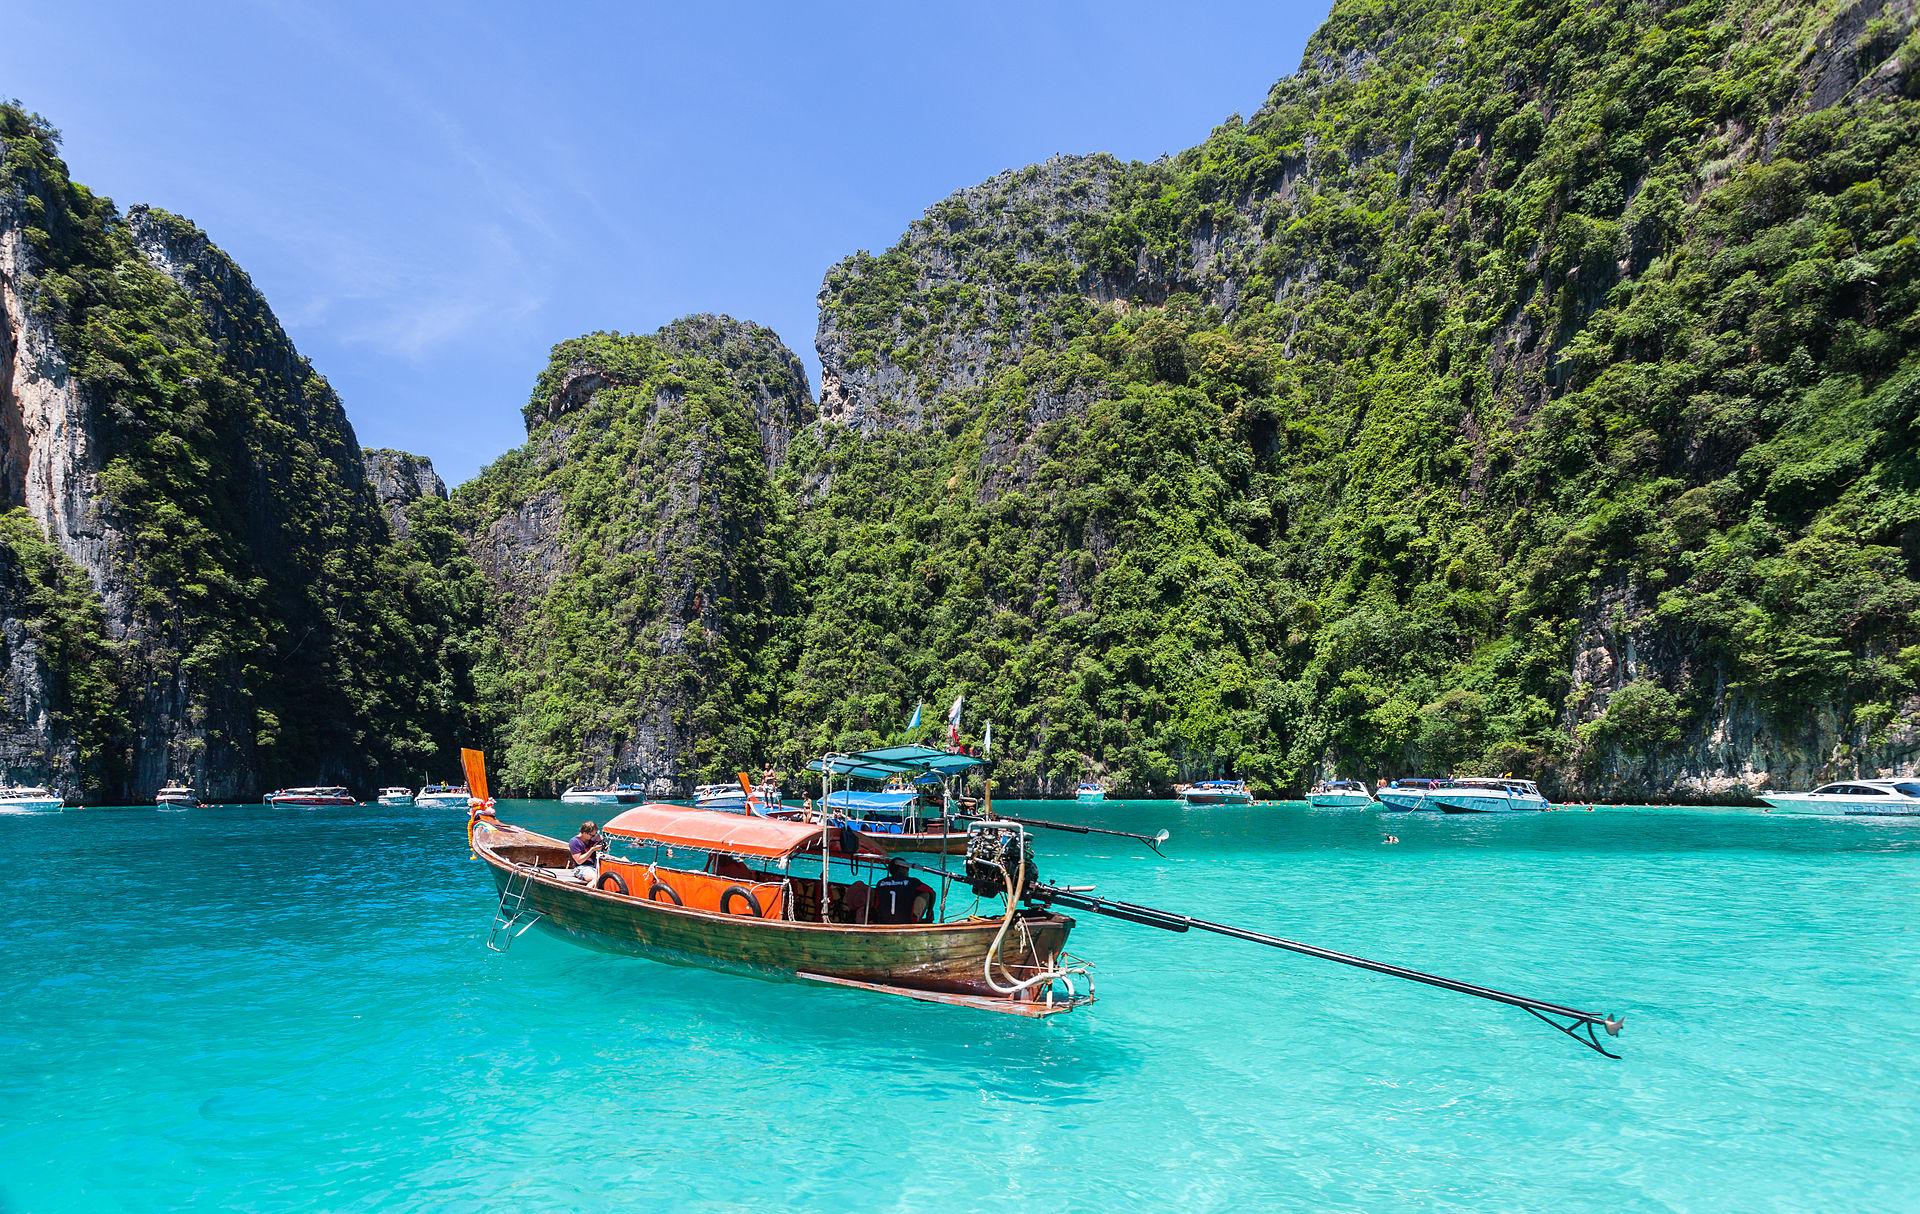 thailand, best asia